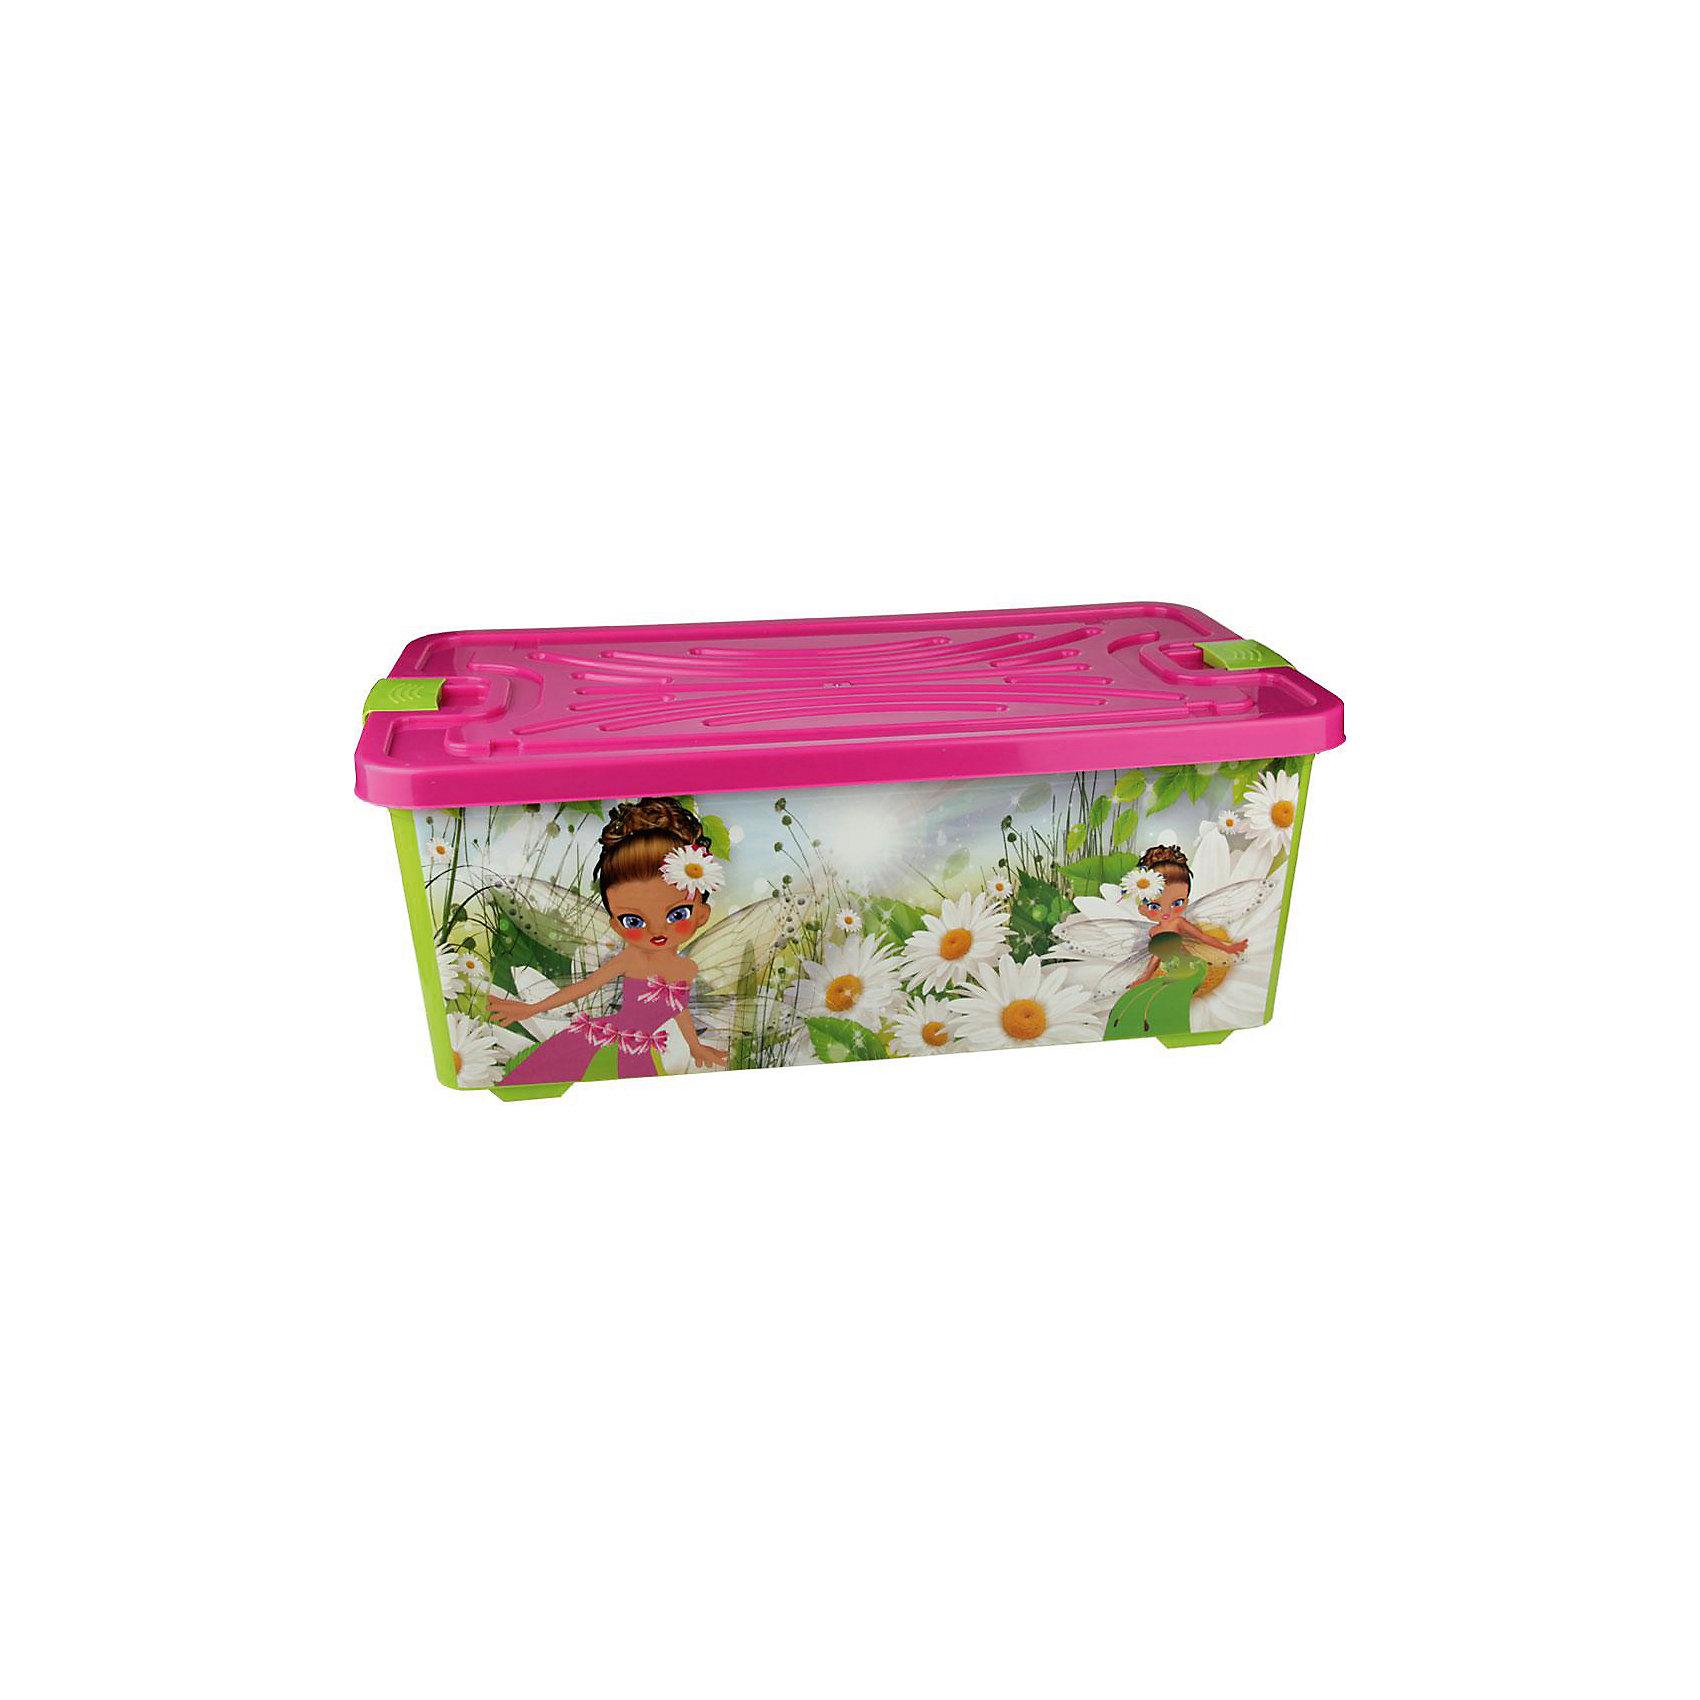 Контейнер для игрушек Феи (прямоугольный) 75л., AlternativaПорядок в детской<br>Характеристики:<br><br>• Предназначение: для хранения игрушек<br>• Материал: пластик<br>• Цвет: розовый, желтый, зеленый<br>• Размер (Д*Ш*В): 78*42,5*30 см<br>• Вместимость (объем): 75 л<br>• Форма: прямоугольныйольный<br>• Наличие крышки <br>• Особенности ухода: разрешается мыть теплой водой<br><br>Контейнер Фея 75 л с крышкой, Alternativa изготовлен отечественным производителем ООО ЗПИ Альтернатива, который специализируется на выпуске широкого спектра изделий из пластика. <br>Контейнер выполнен из экологически безопасного пластика, устойчивого к механическим повреждениям, корпус оформлен ярким рисунком, в комплекте имеется крышка яркого розового цвета. Изделие позволит обеспечить не только порядок в комнате ребенка, но и станет ярким предметом интерьера. Контейнер Фея 75 л с крышкой, Alternativa вместительный, но при этом обладает легким весом.<br><br>Контейнер Фея 75 л с крышкой, Alternativa можно купить в нашем интернет-магазине.<br><br>Ширина мм: 780<br>Глубина мм: 300<br>Высота мм: 300<br>Вес г: 2518<br>Возраст от месяцев: 6<br>Возраст до месяцев: 84<br>Пол: Женский<br>Возраст: Детский<br>SKU: 5096586